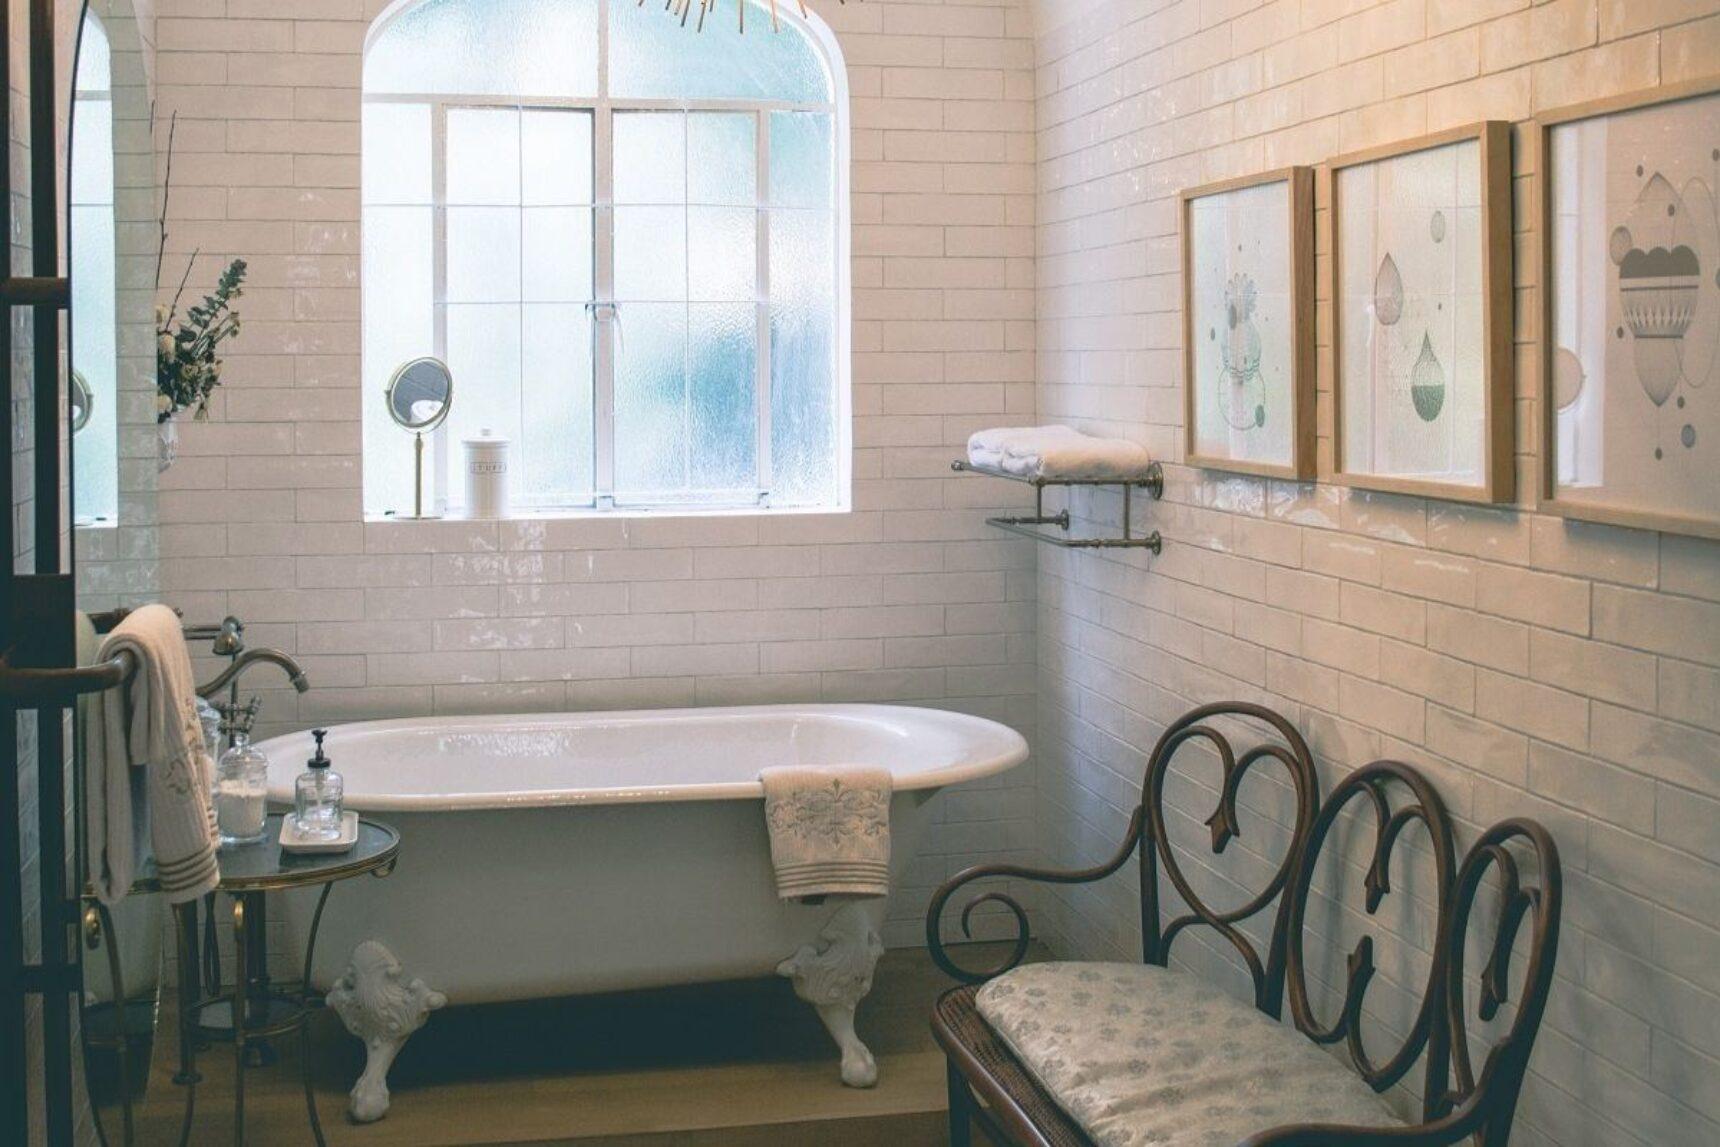 Remont łazienki W Bloku I W Domu Ile Kosztuje Remont łazienki